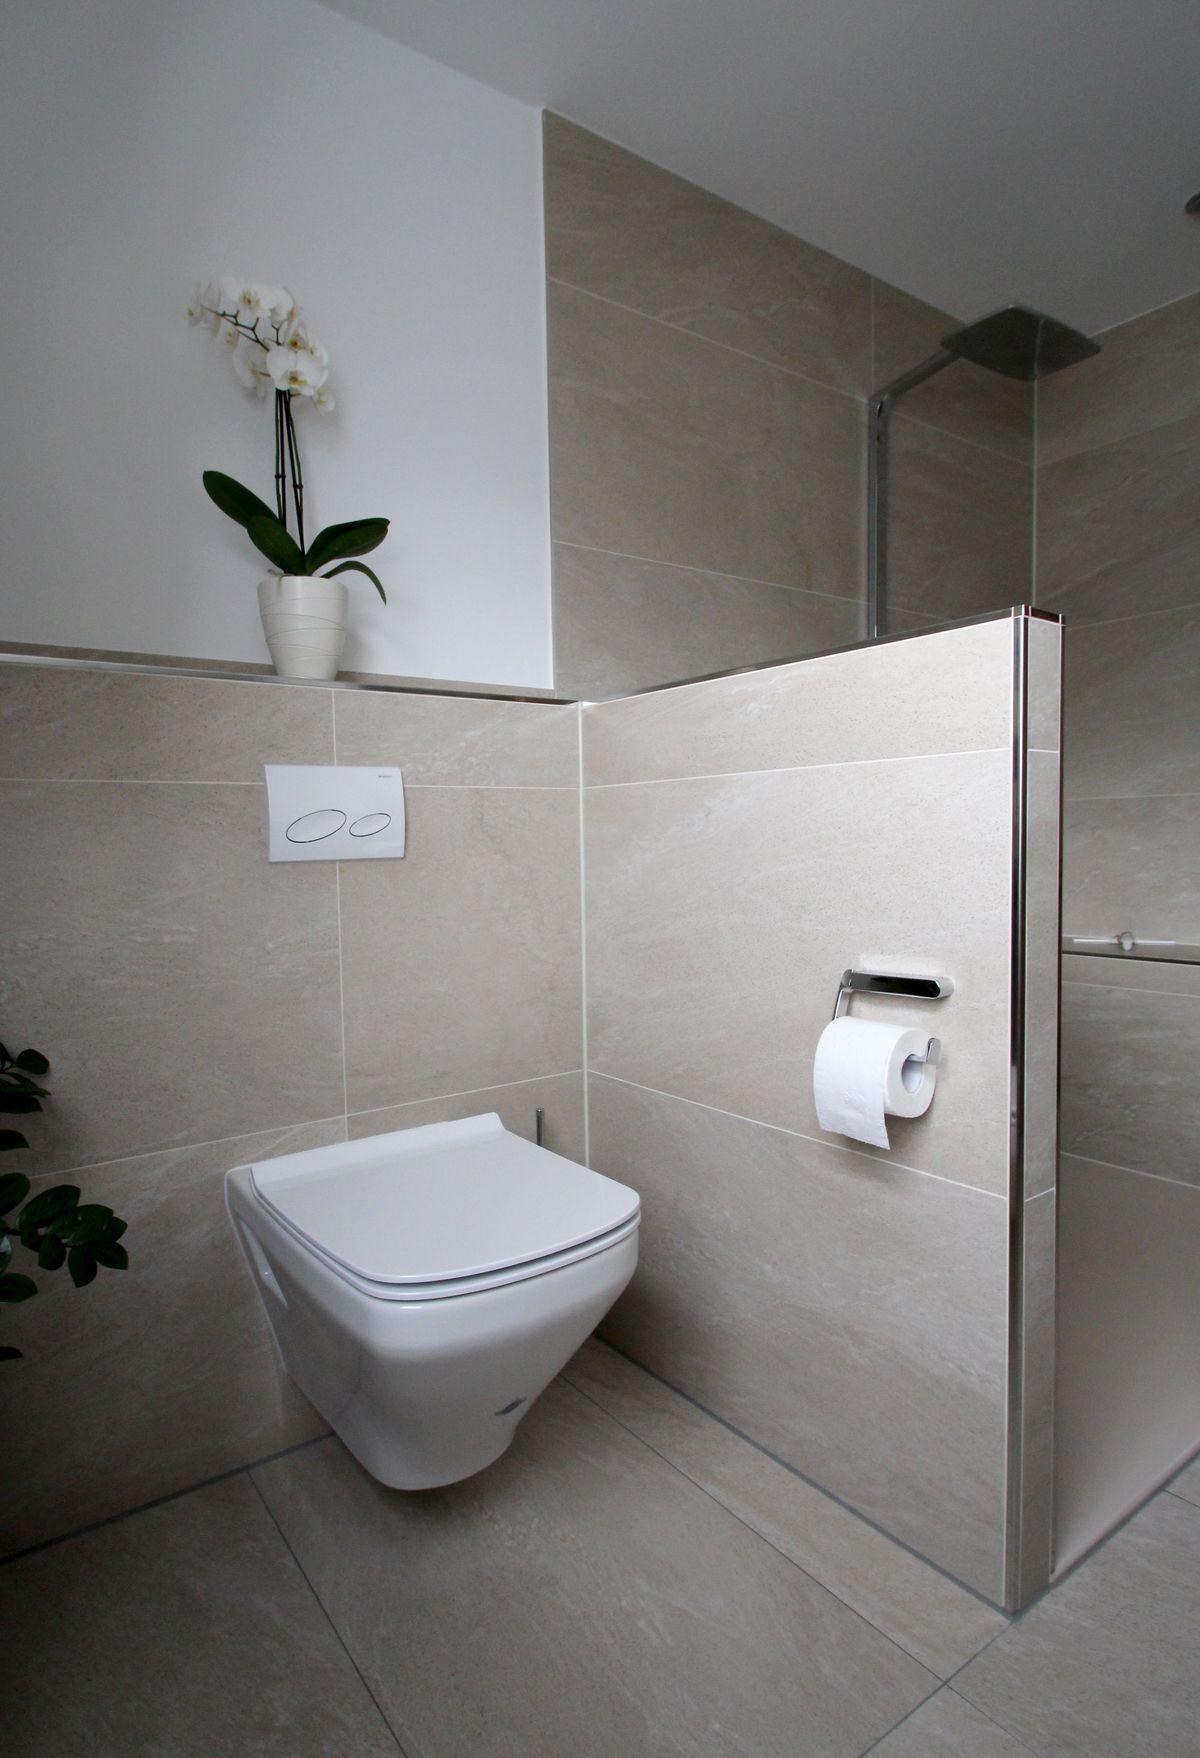 offene dusche spritzschutz verschiedene design inspiration und interessante. Black Bedroom Furniture Sets. Home Design Ideas